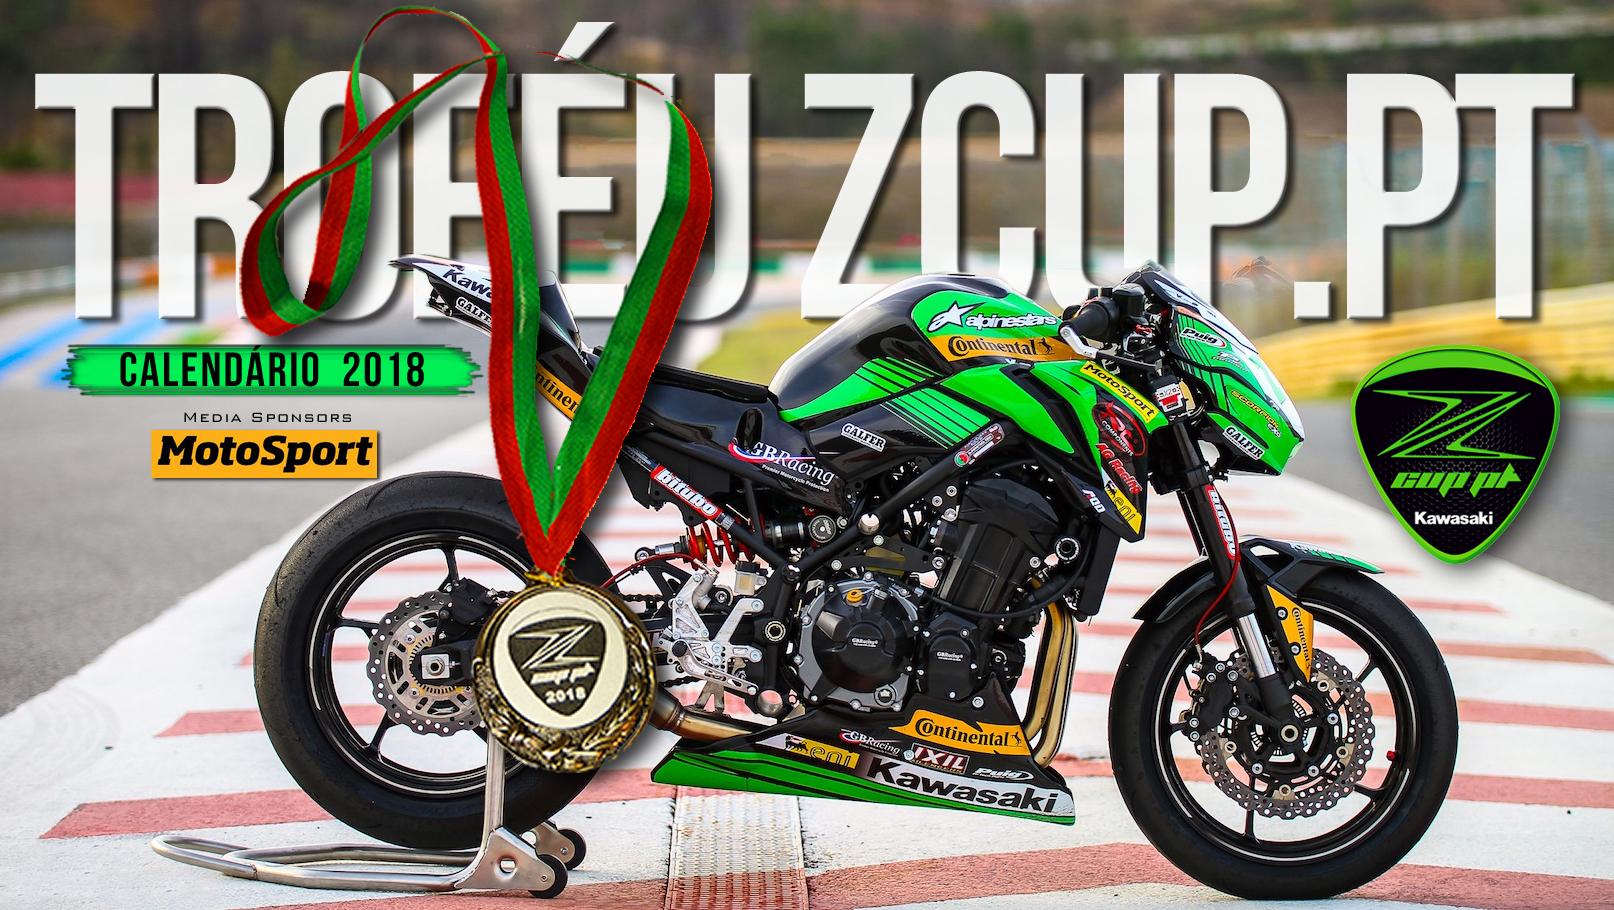 MotoSport homenageado como Media Sponsor do Troféu Kawasaki ZCUP.PT